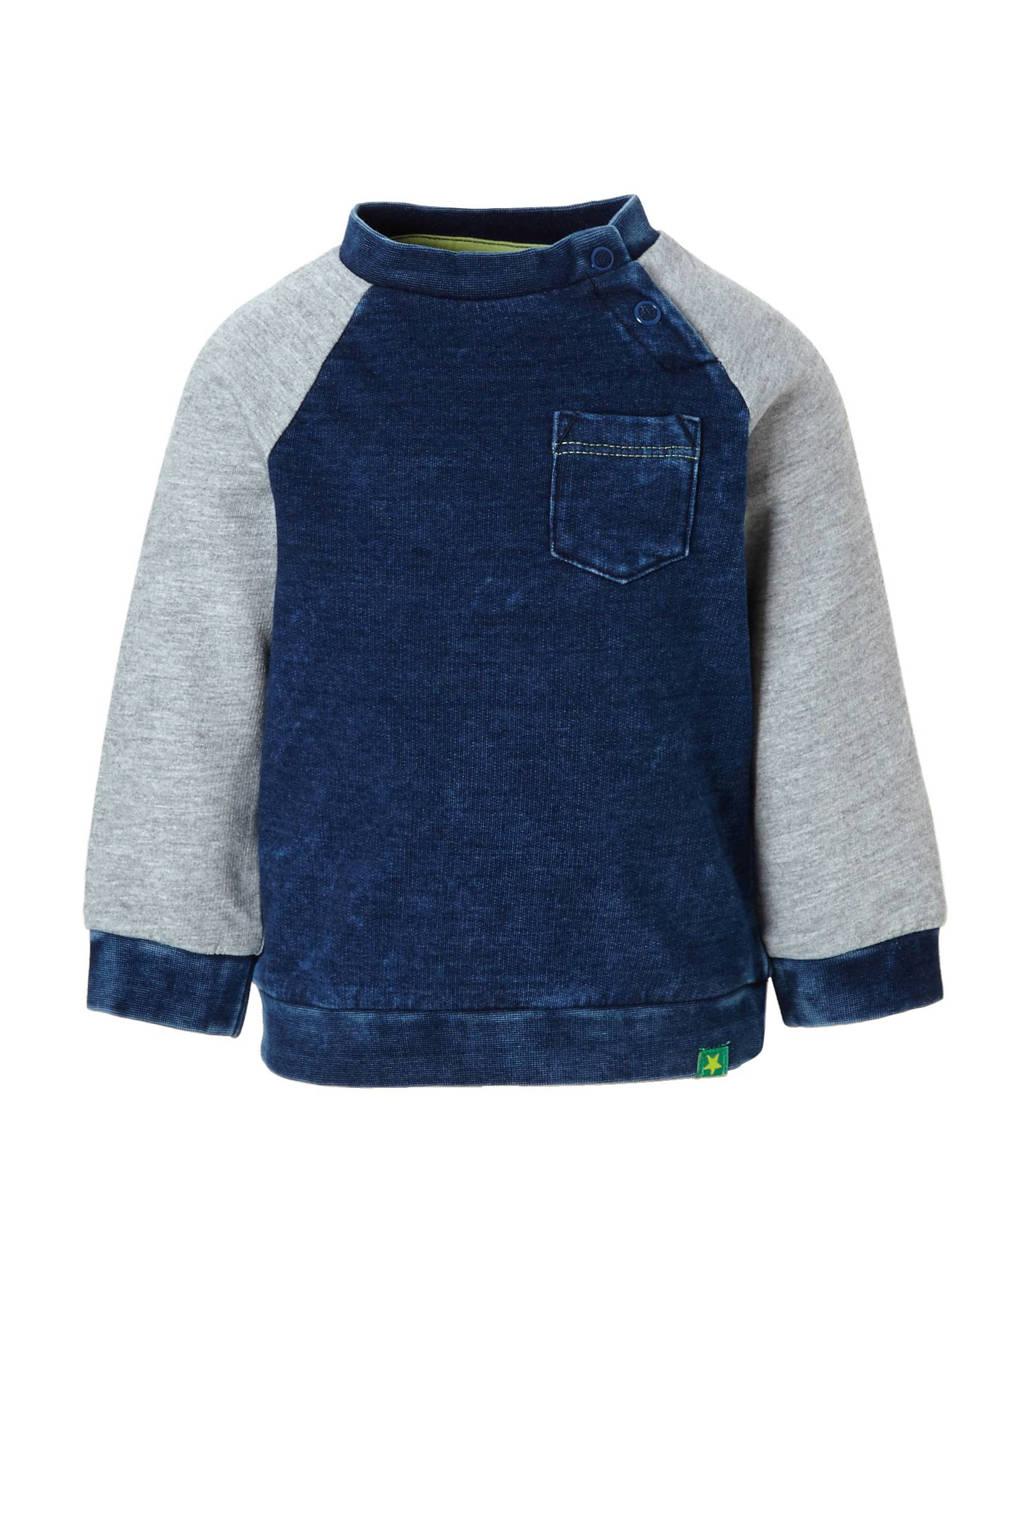 C&A Baby Club sweater, Dark denim/grijs melange